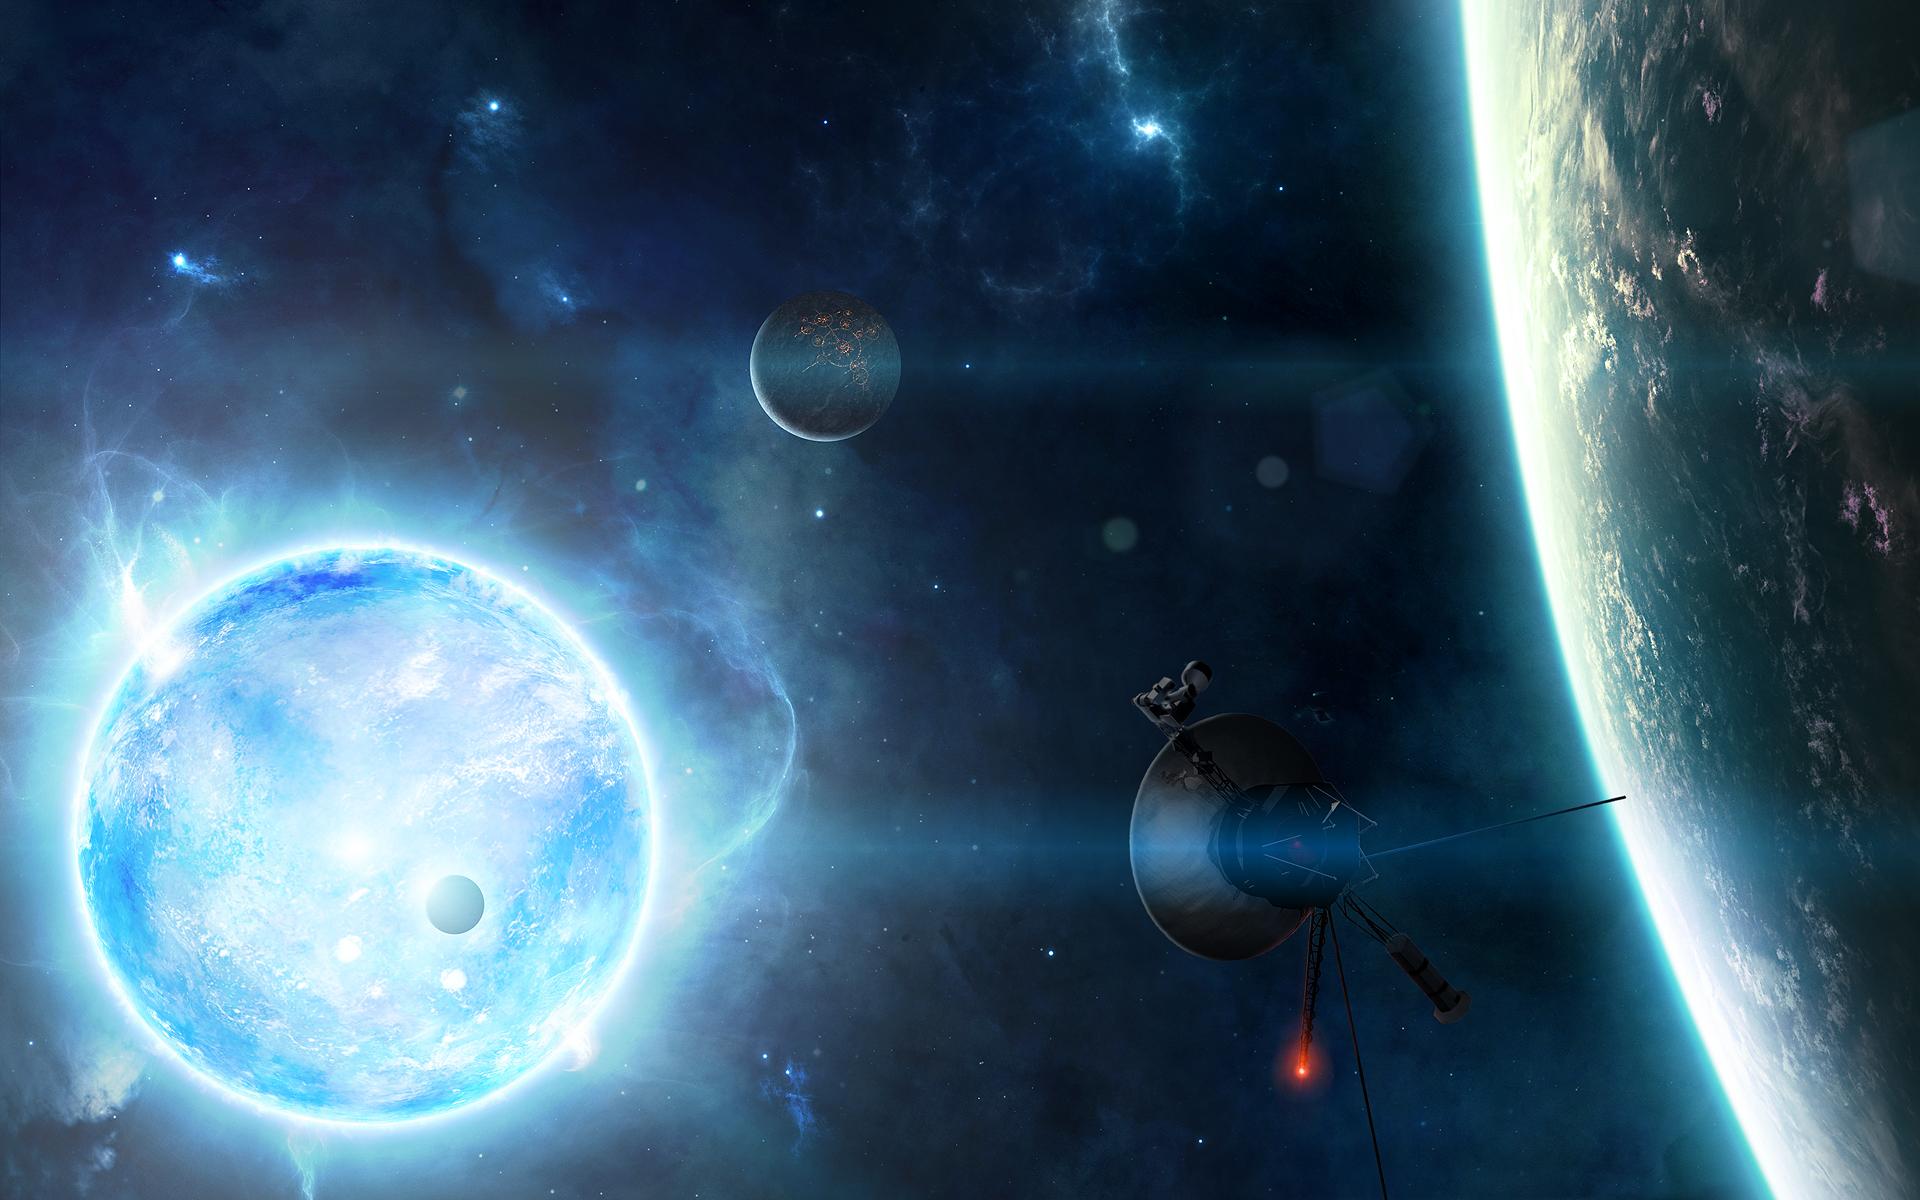 デスクトップ壁紙 スペース 惑星 銀河 1920x1200 Waifu